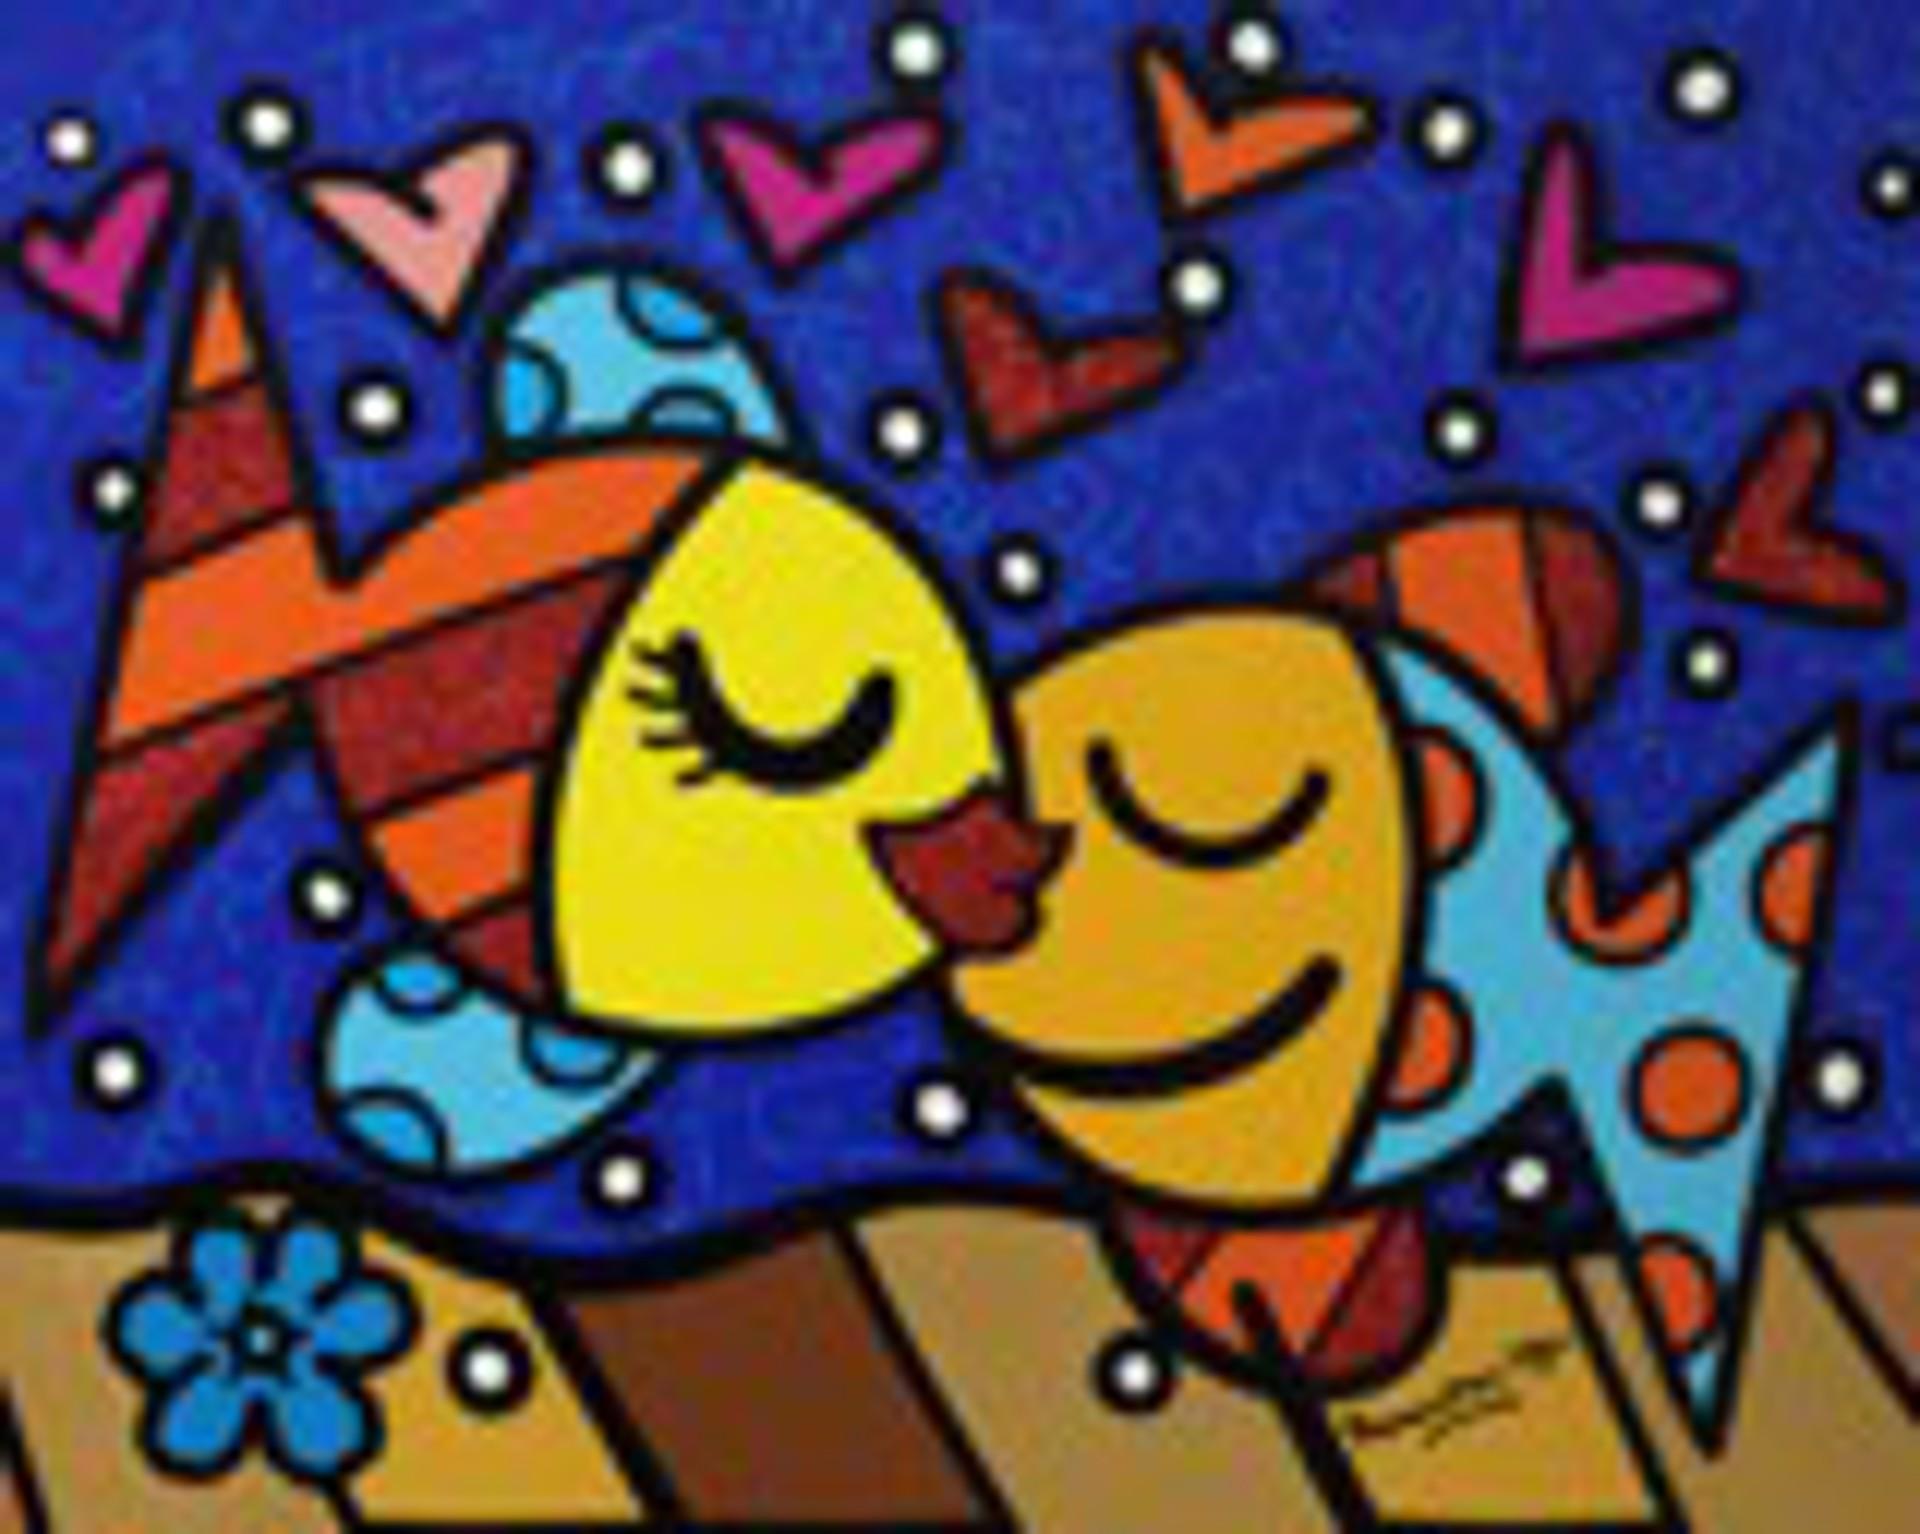 PURE LOVE by Romero Britto